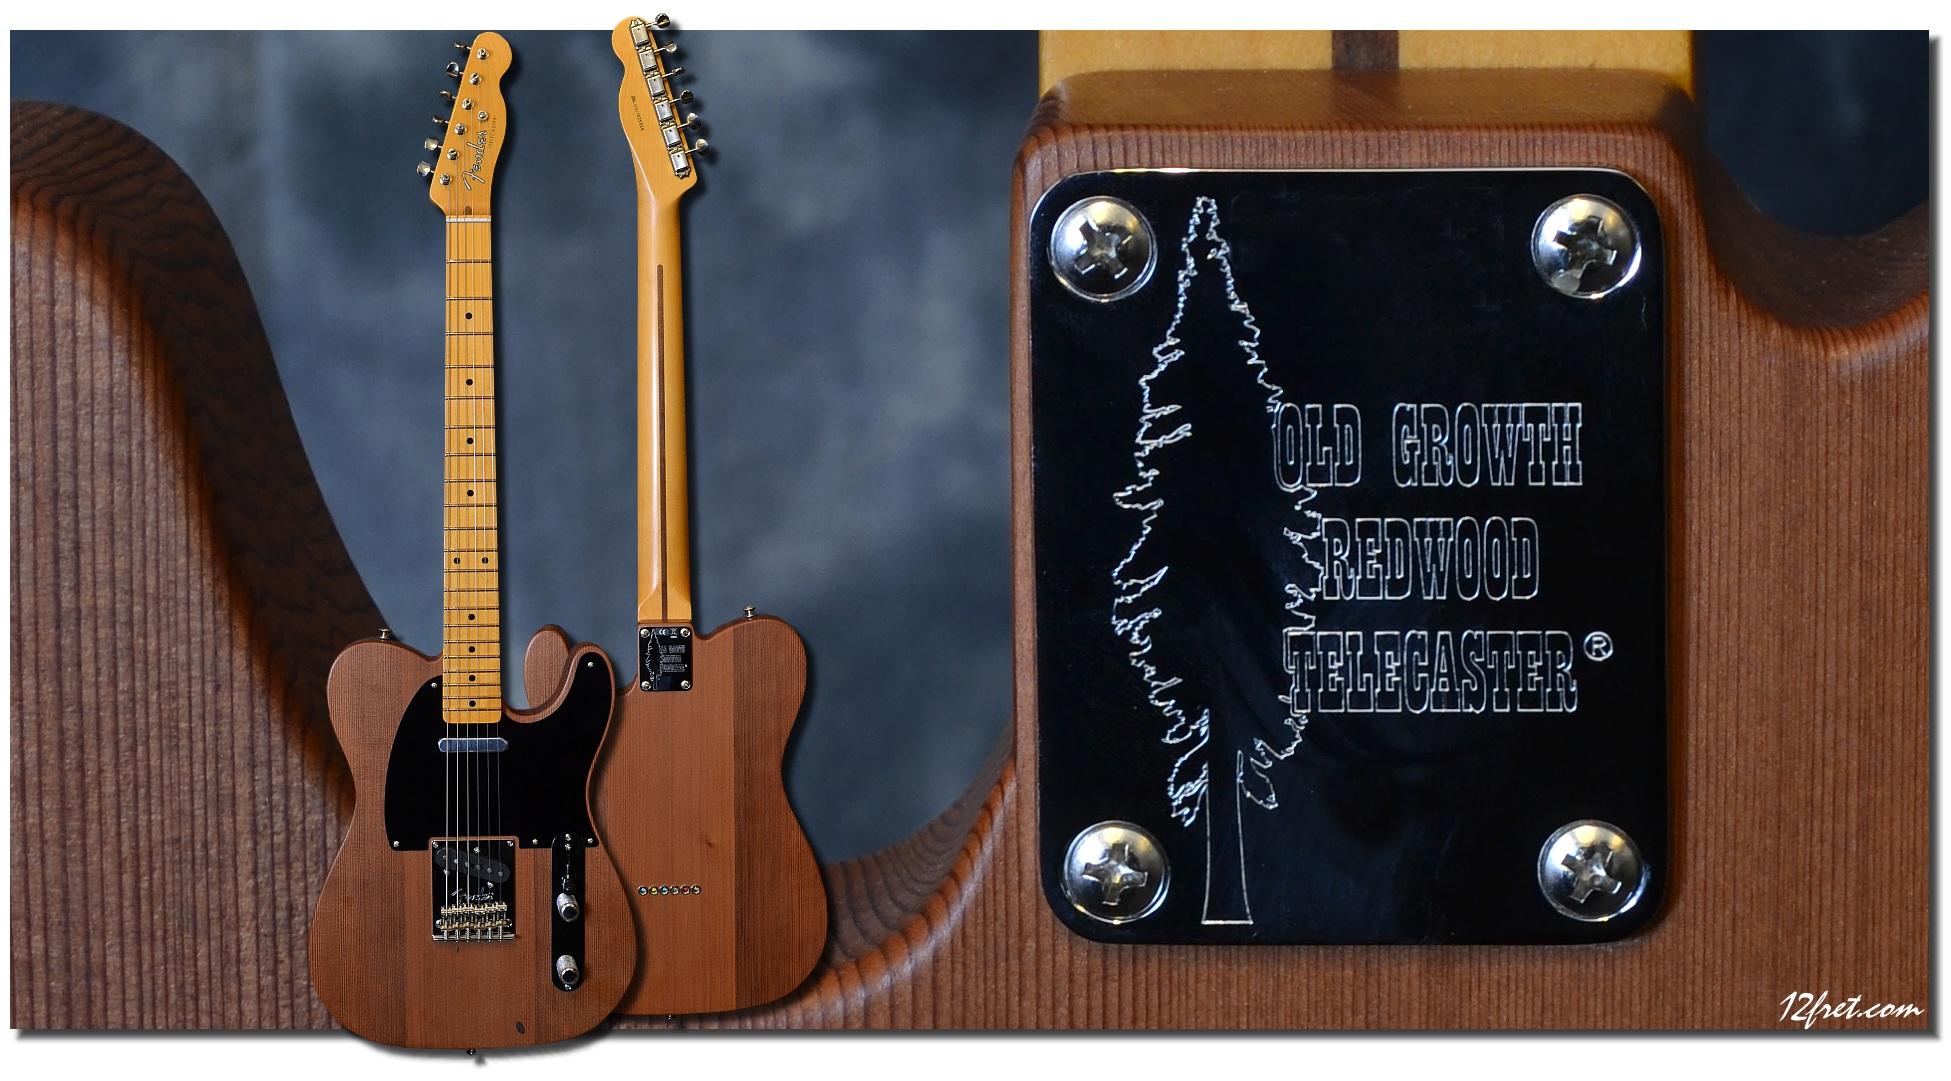 Fender Old Growth Redwood Telecaster Www 12fret Com